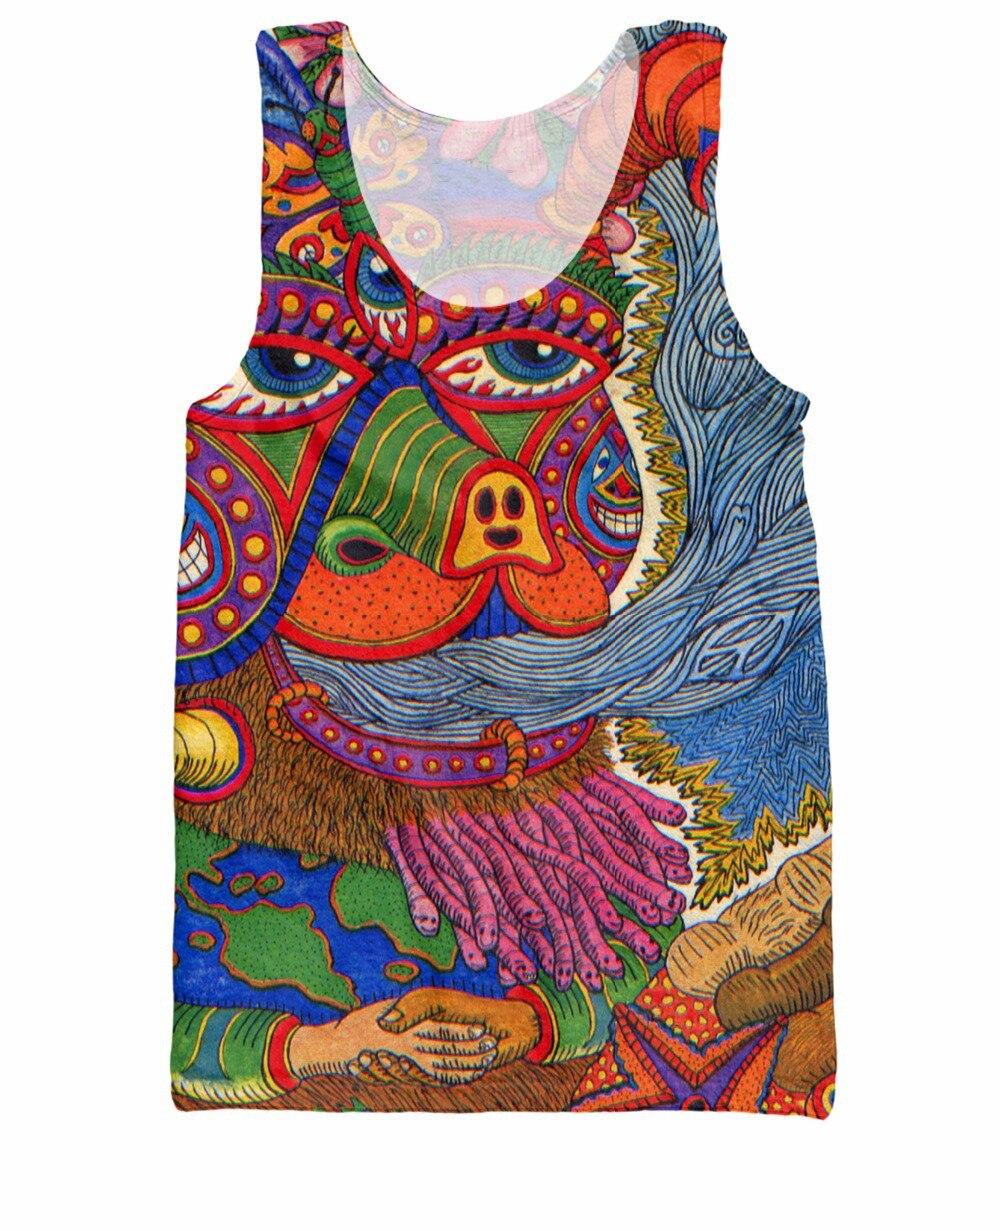 Nuevo llega Mujeres Hombres estilo verano chaleco Tank Top chaleco camisa  ropa de moda más tamaño envío libre 3f6ee600a4be